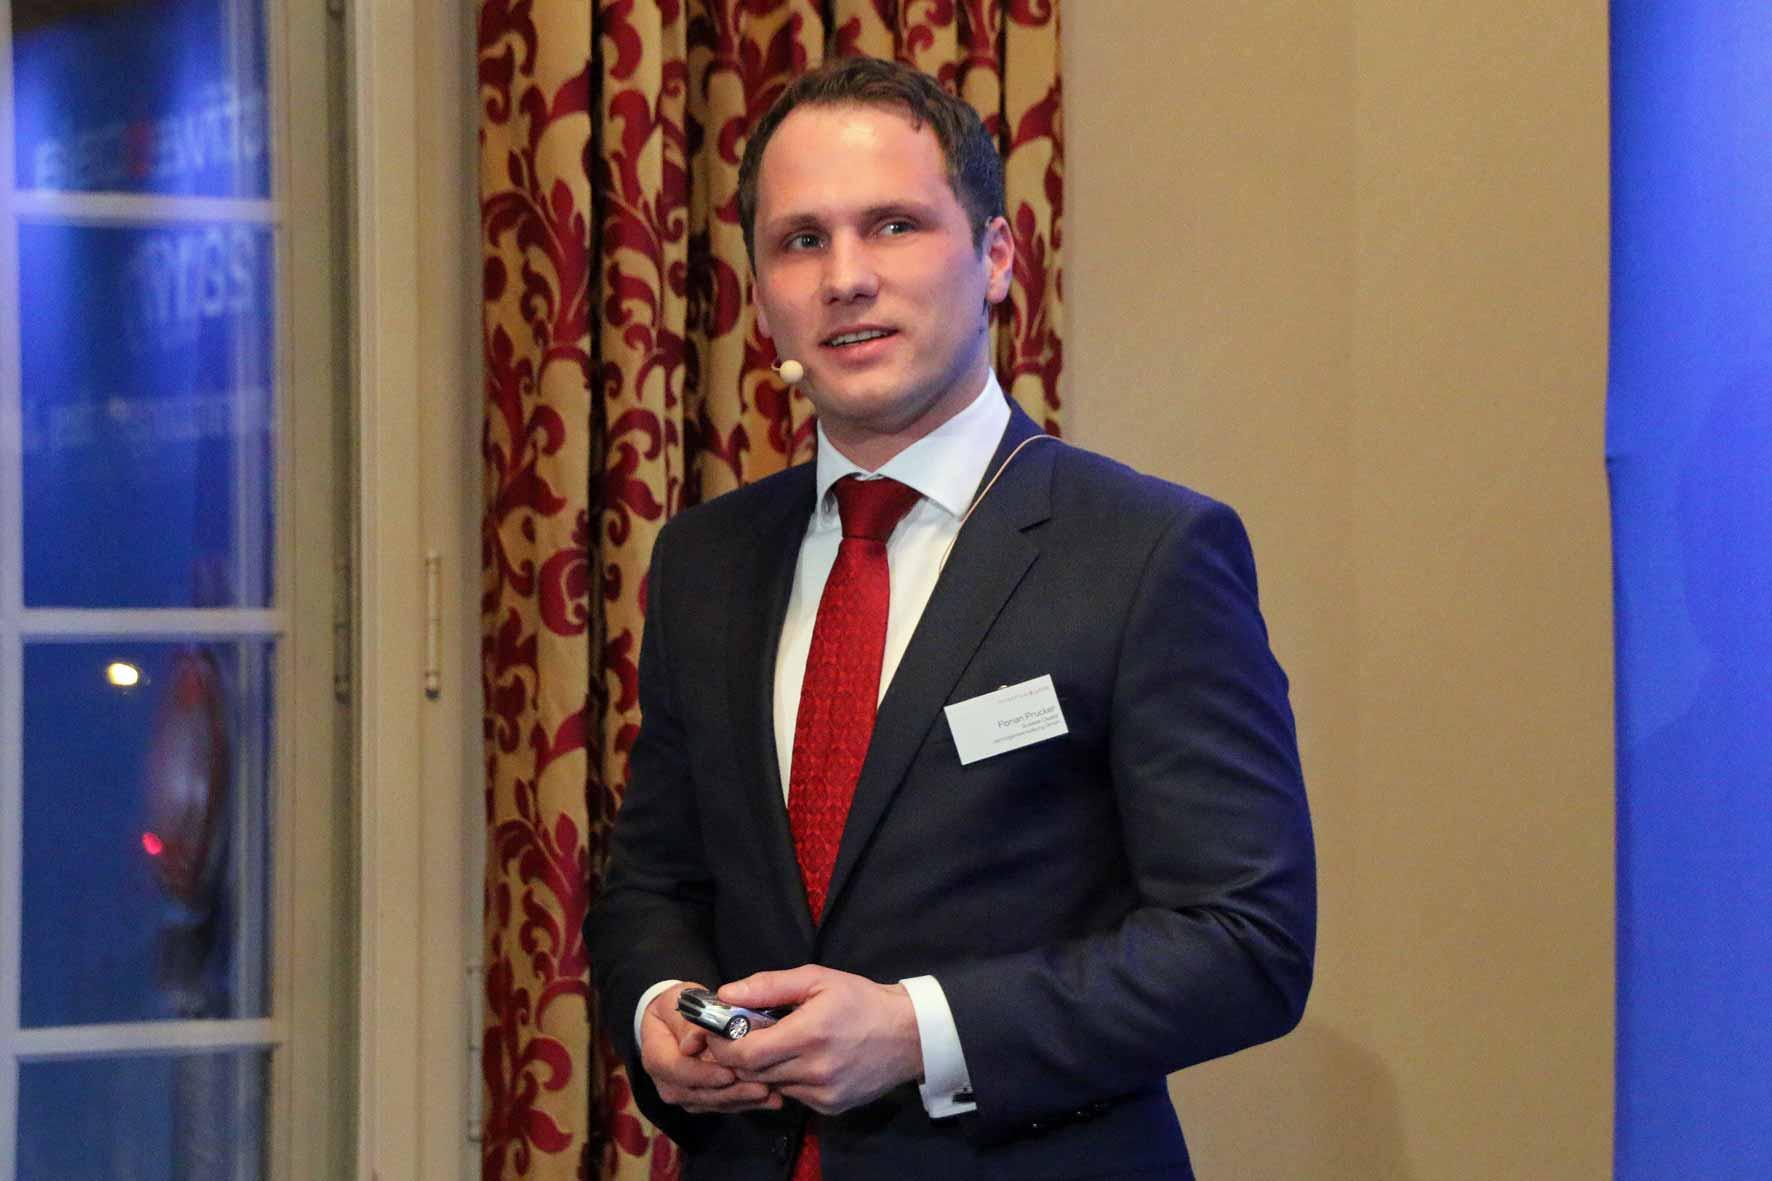 Florian Prucker von Scalable Capital stellt sein Unternehmen und dessen Angebot vor